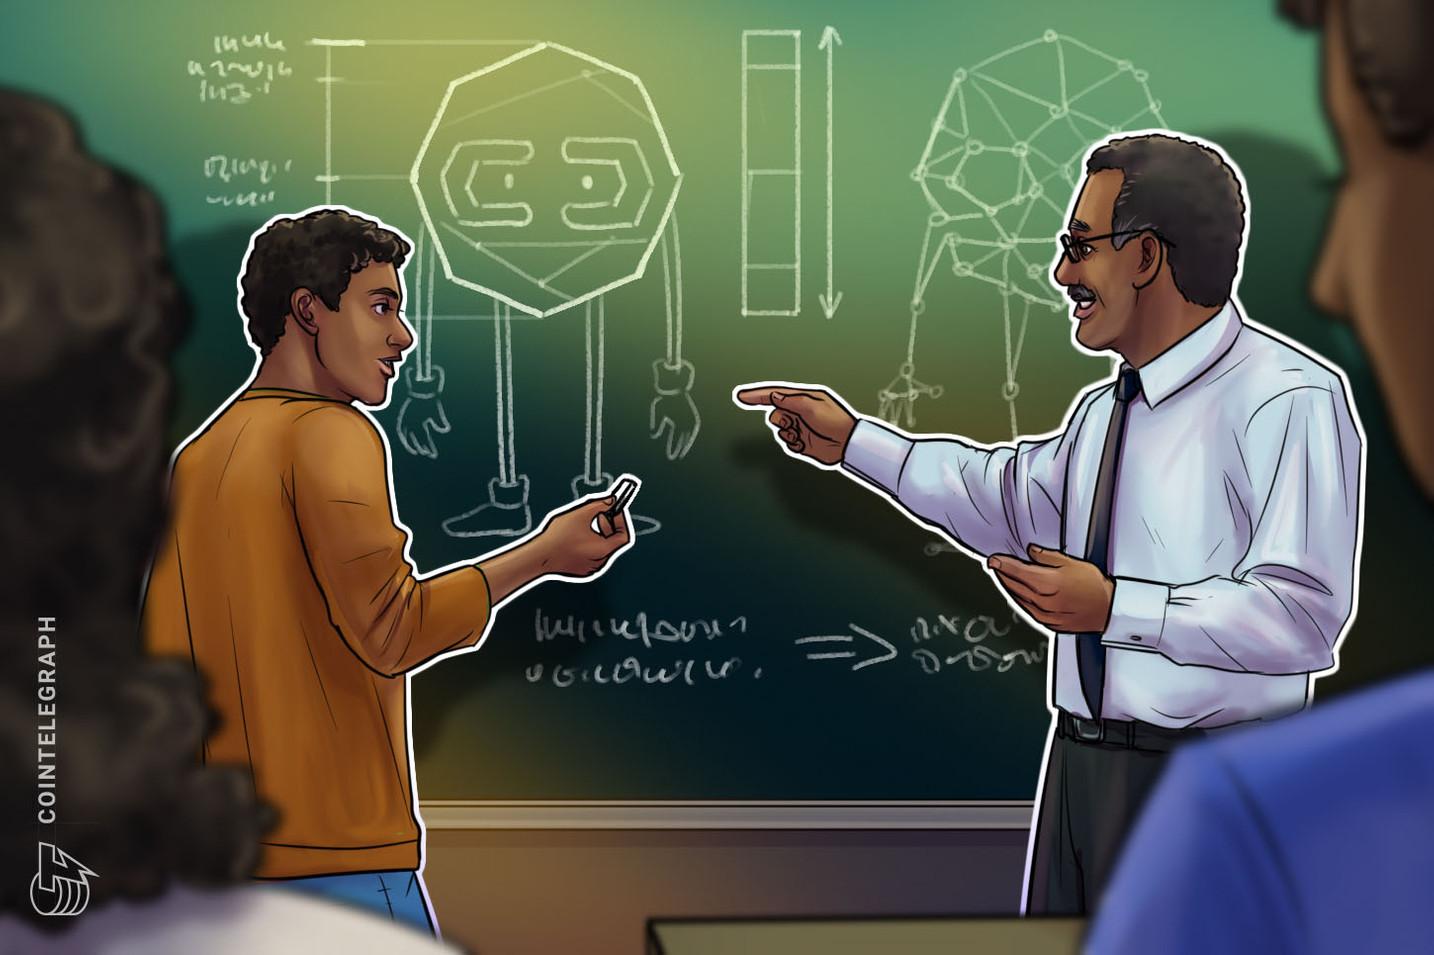 La comunicación y la educación son clave para generar confianza en las criptomonedas, según revela un estudio